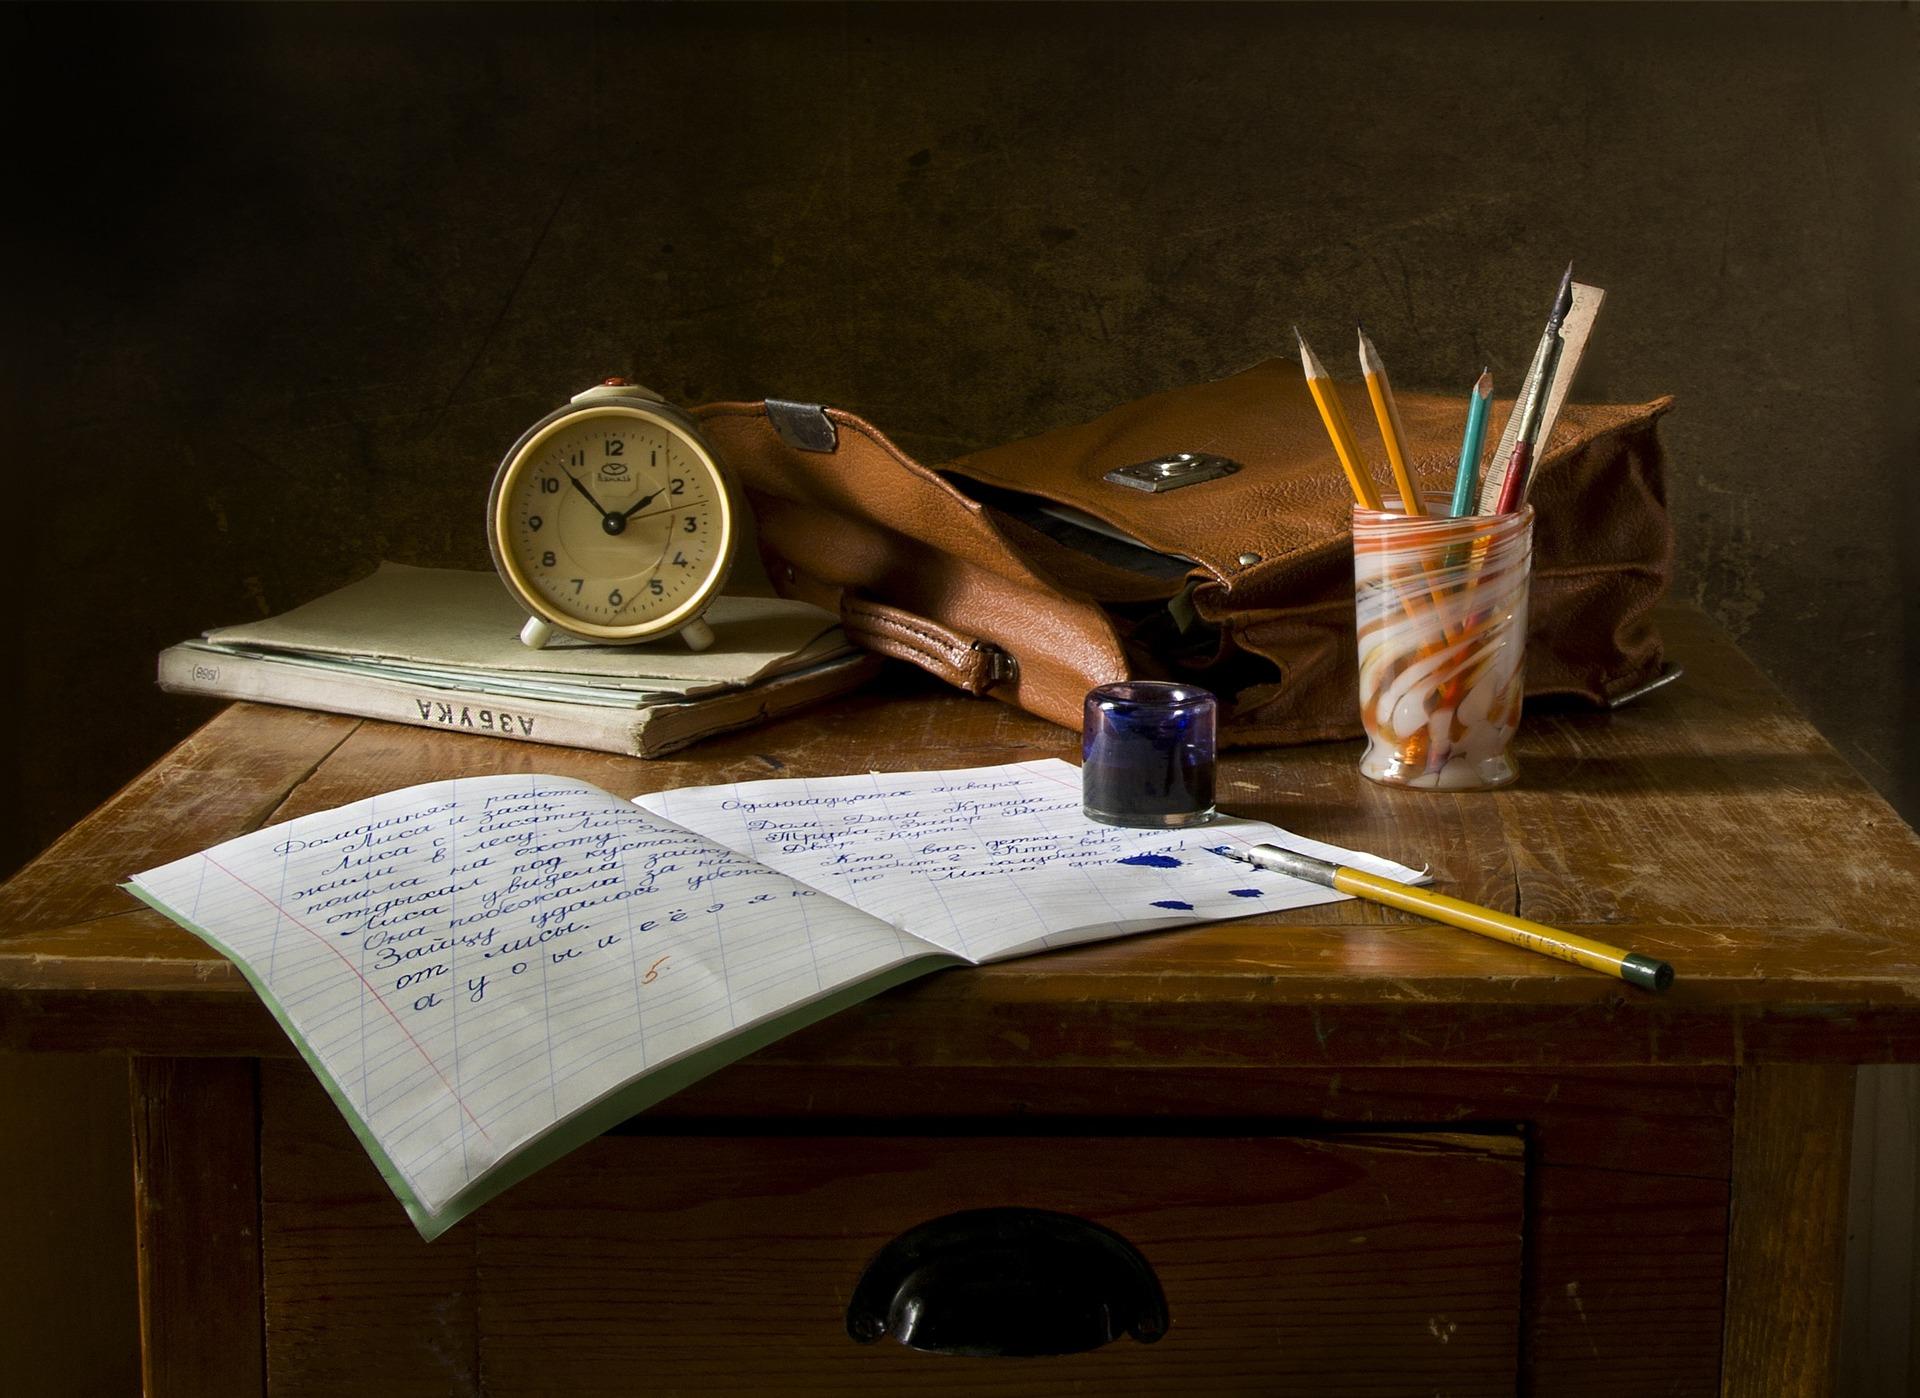 une table d'un étudiant avec un cahier et des stylos